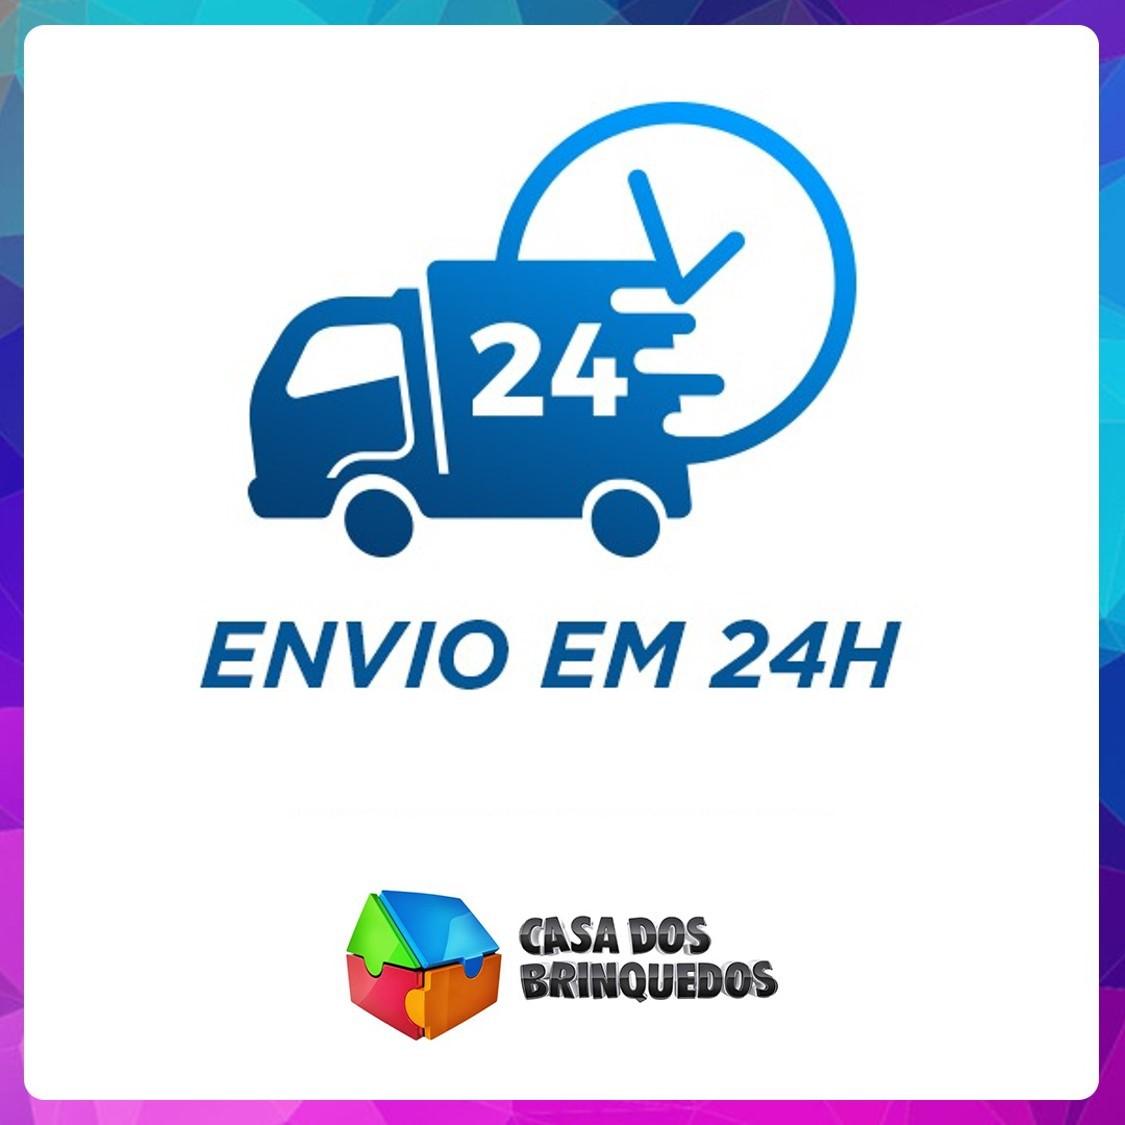 CONJUNTO AEROPORTO PEQUENO 77781 FÊNIX